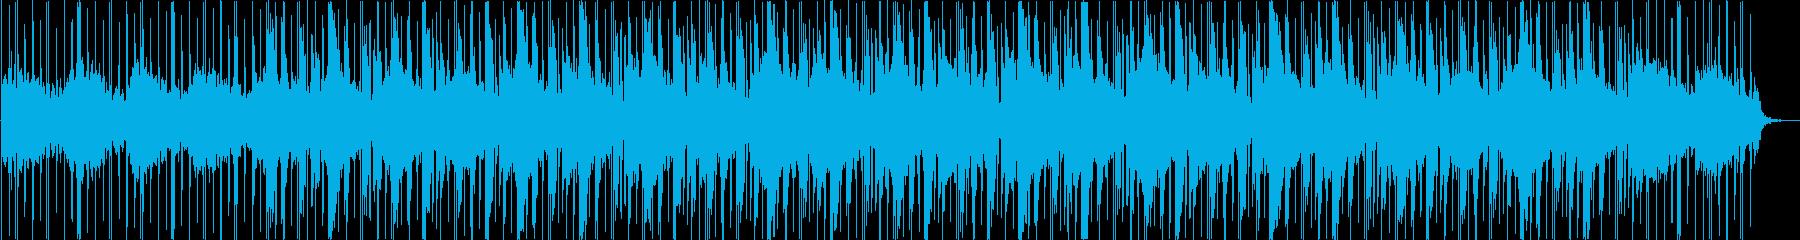 アンビエント/ゆったり/心地いいの再生済みの波形